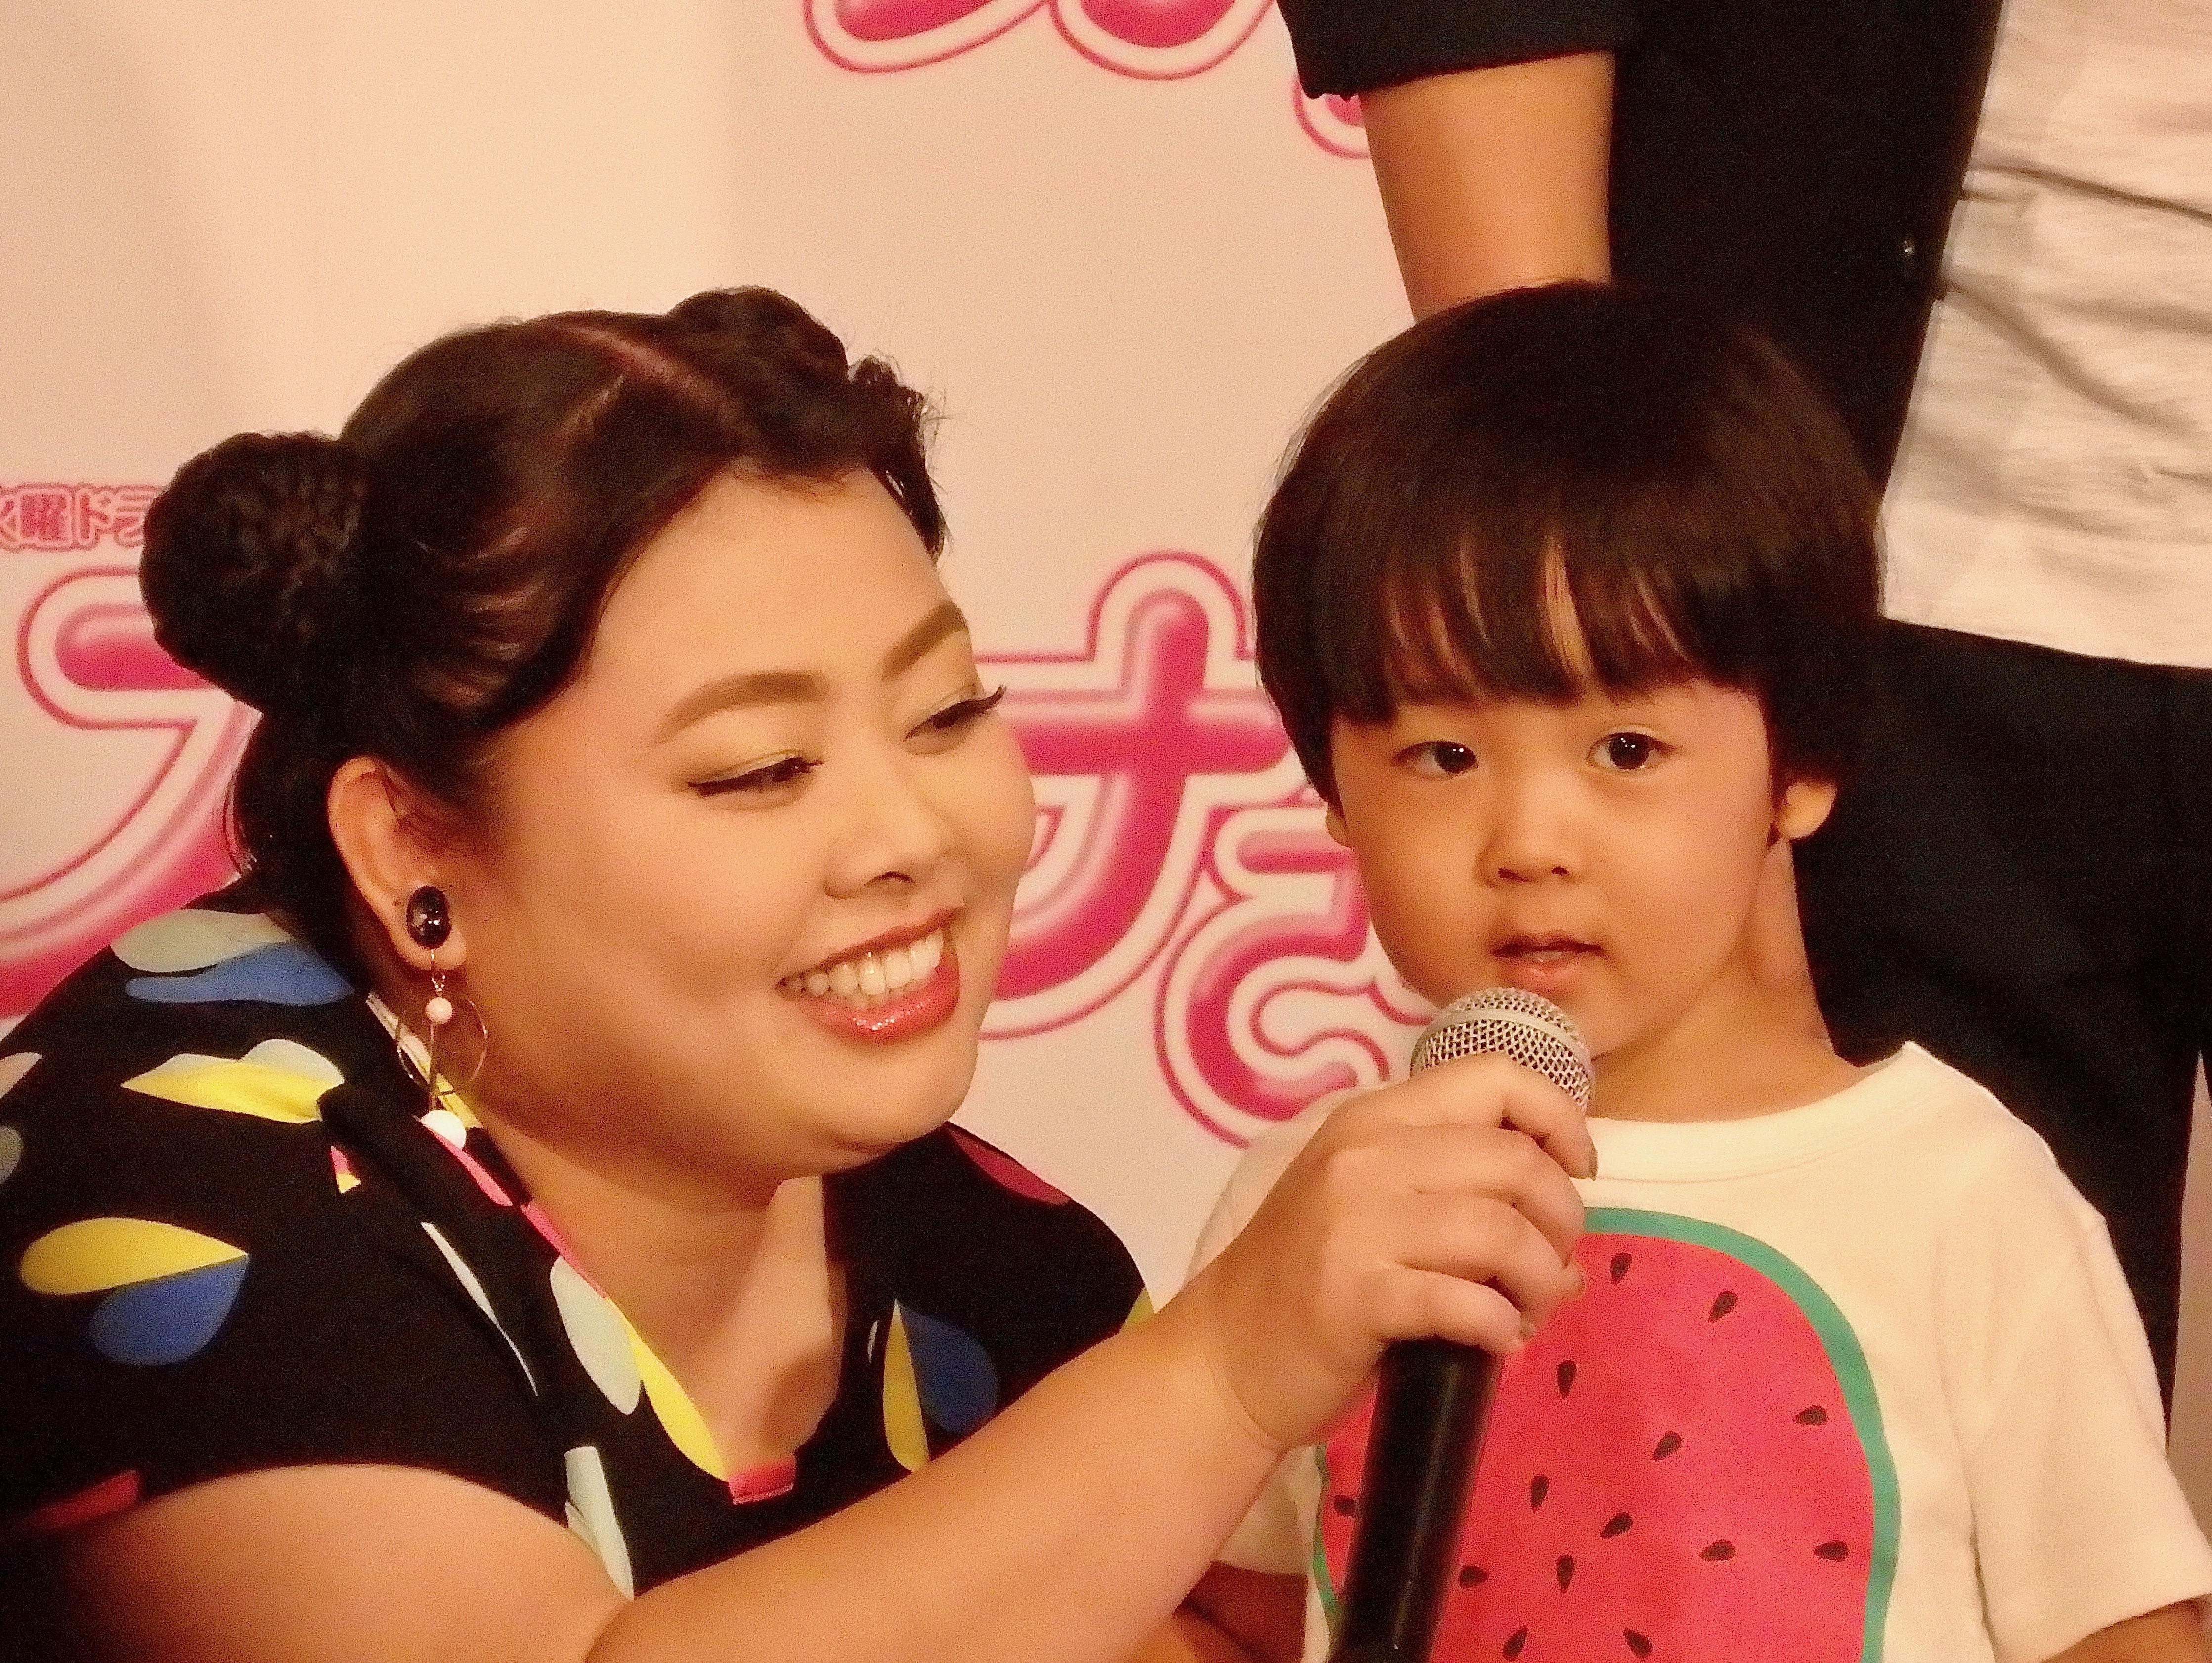 http://news.yoshimoto.co.jp/20170713235630-f54ddc11dc15c40eddcf9e5c732dc8f7387dba57.jpg